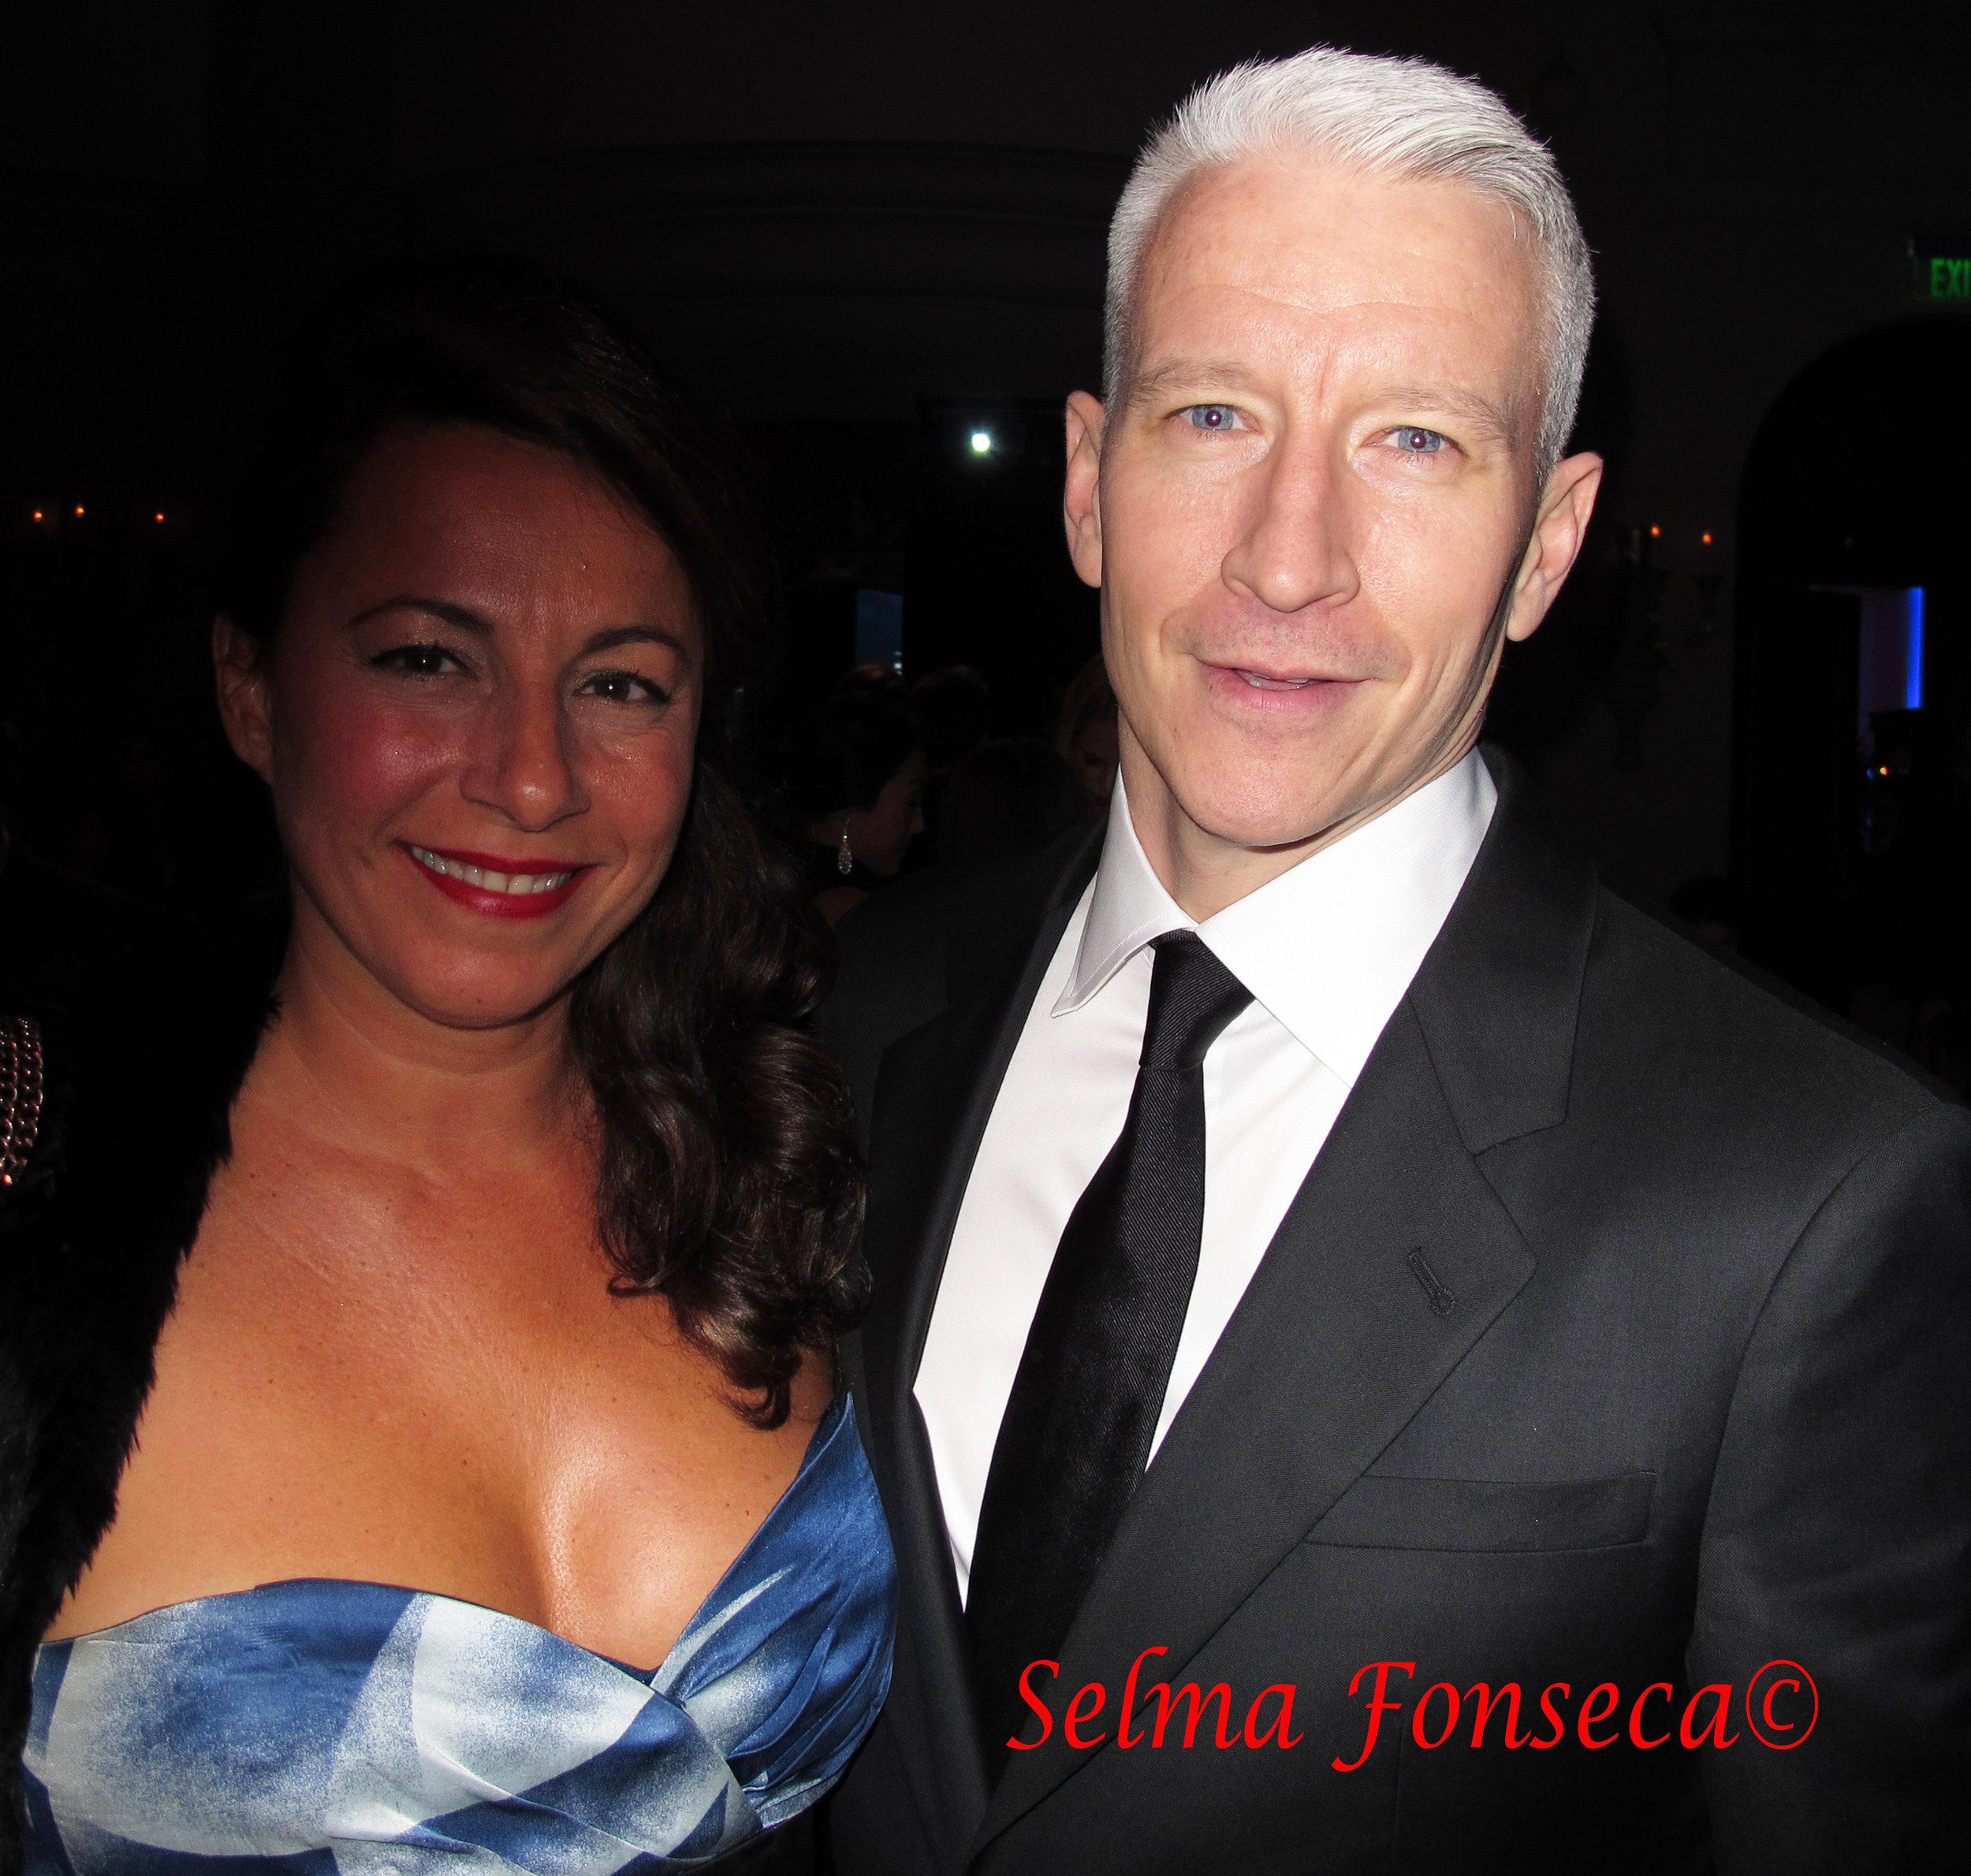 Anderson Cooper_Selma Fonseca.jpg